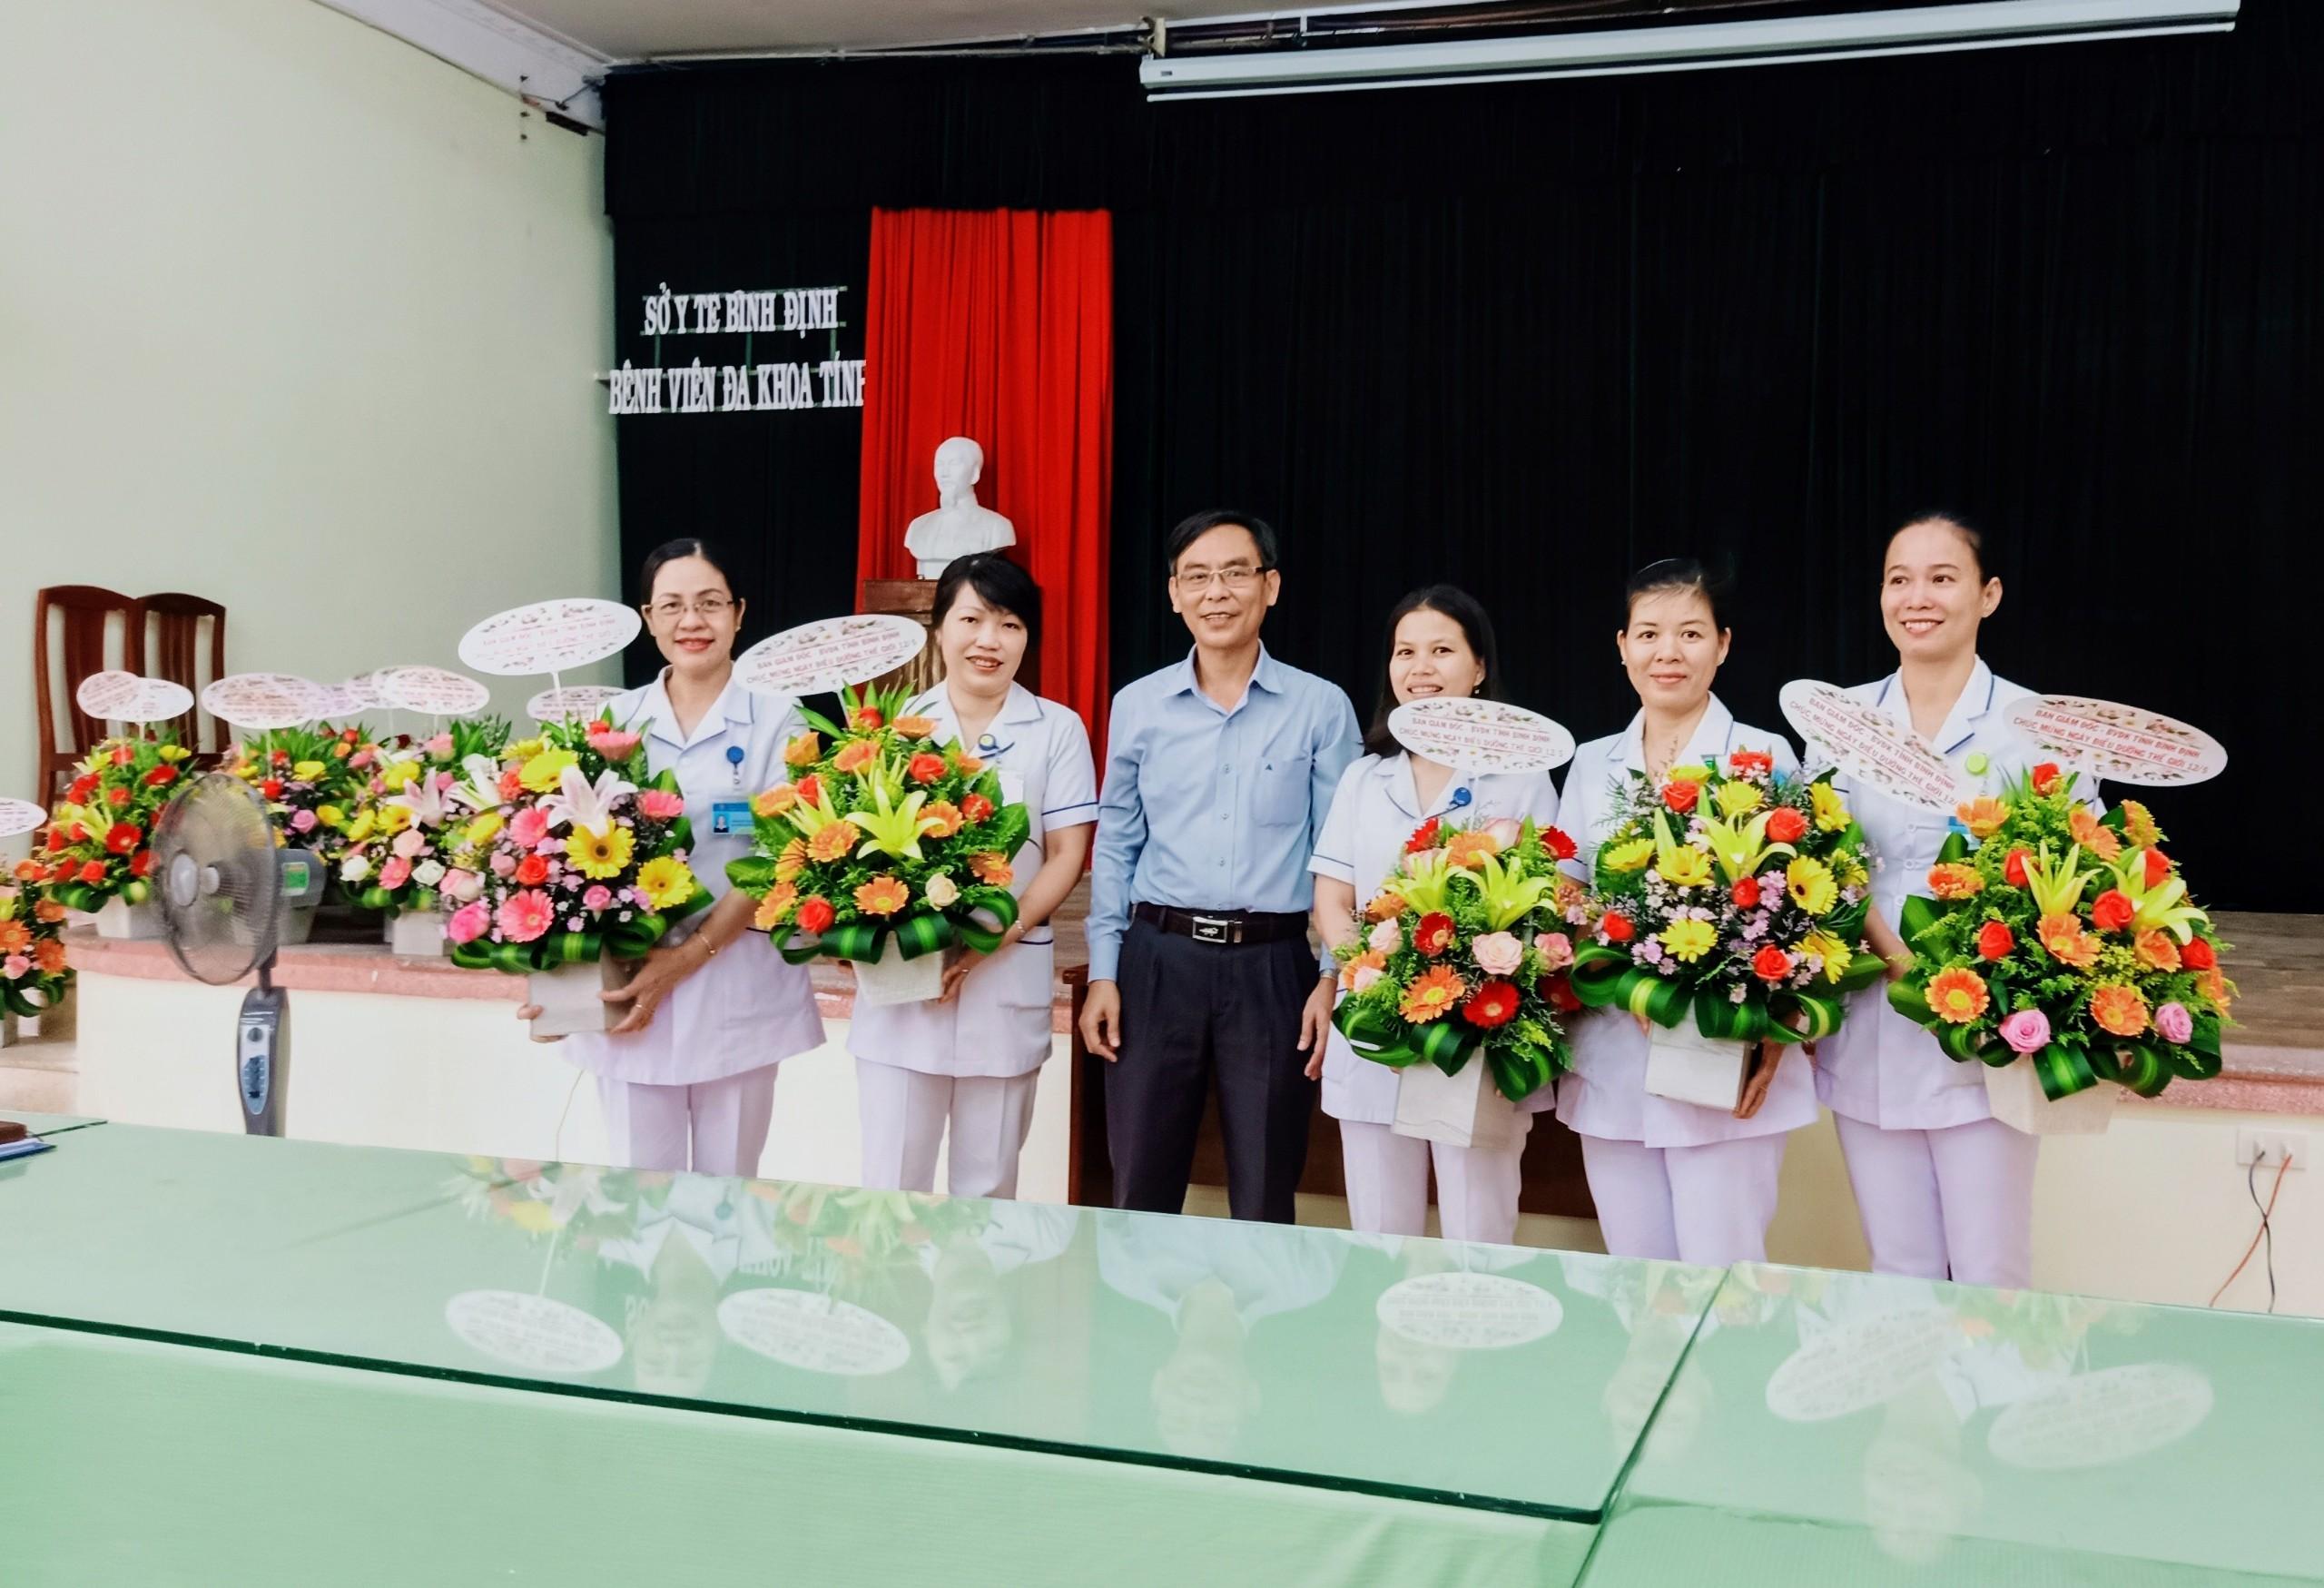 Ngày Điều dưỡng Thế giới của chúng tôi tại BVĐK tỉnh Bình Định